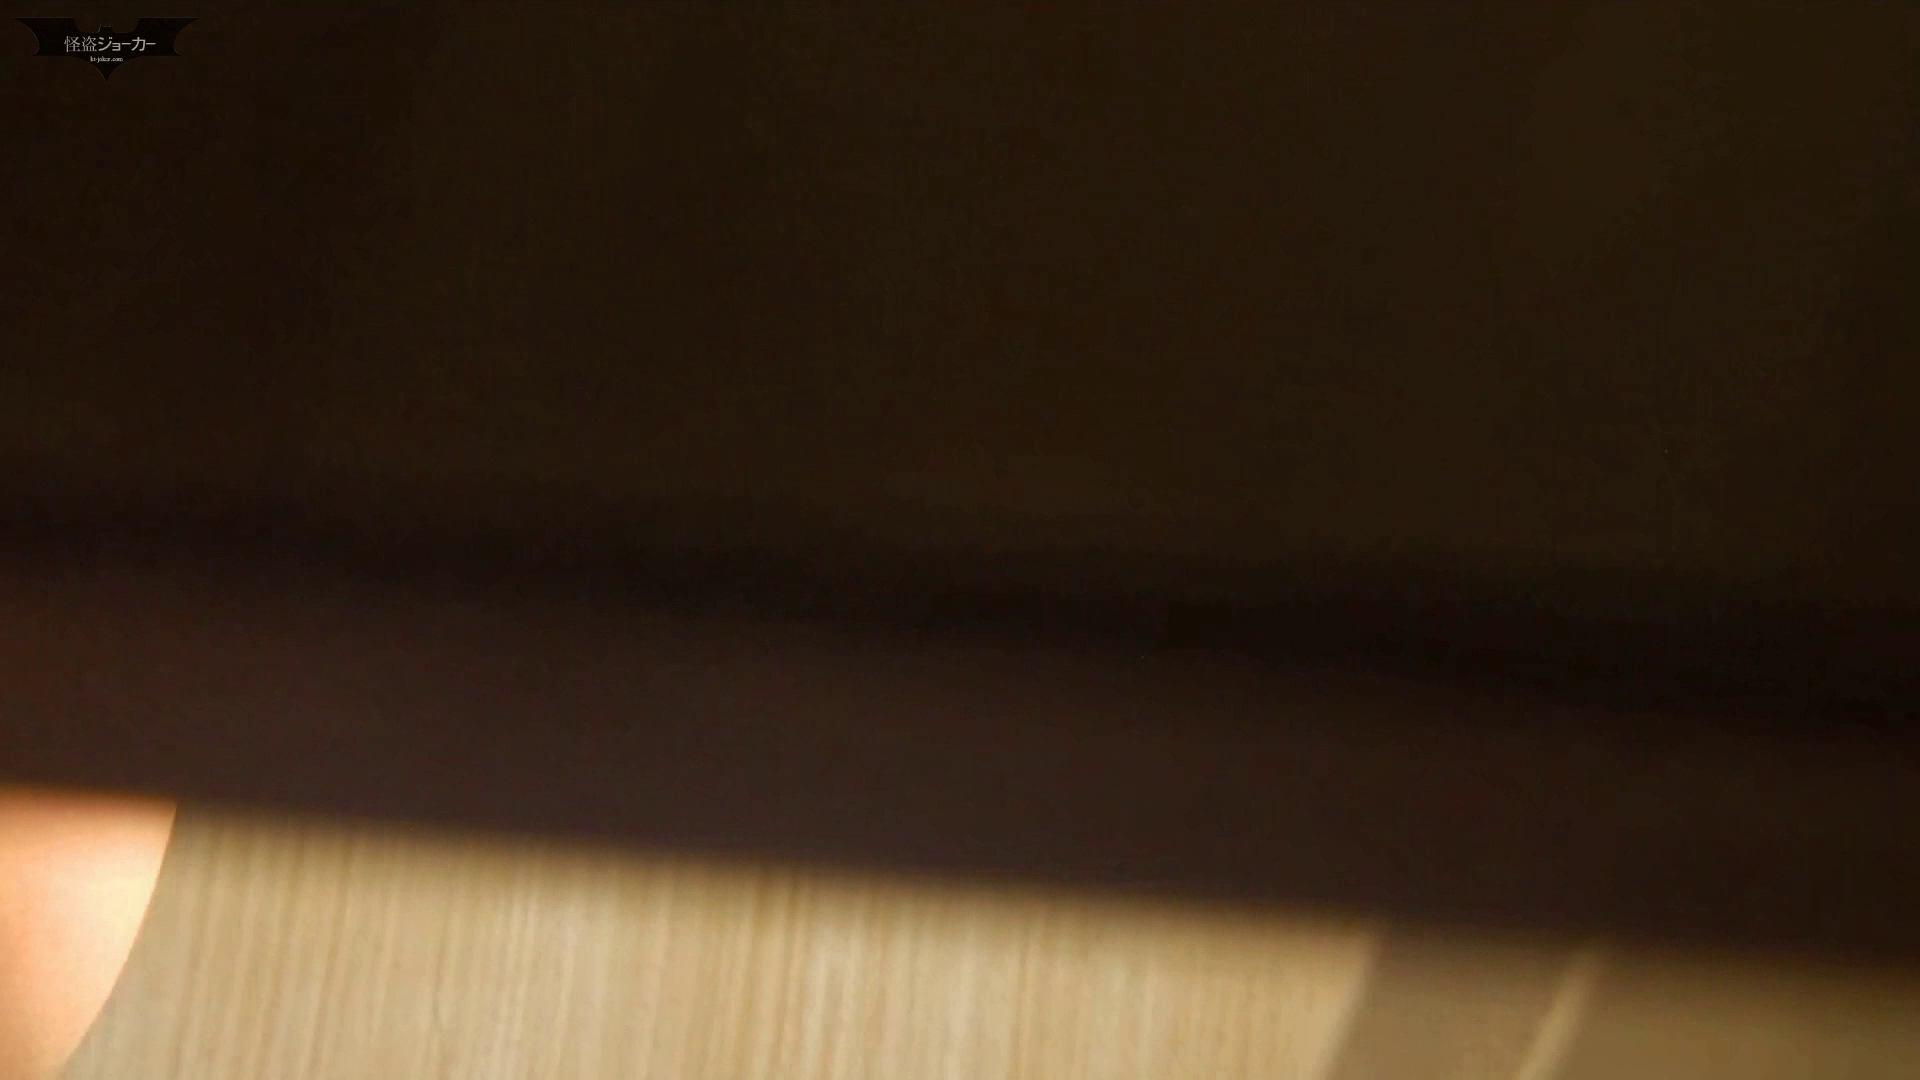 阿国ちゃんの和式洋式七変化 Vol.26 女子会開催でJD大集合! 和式 盗撮 89PIX 8